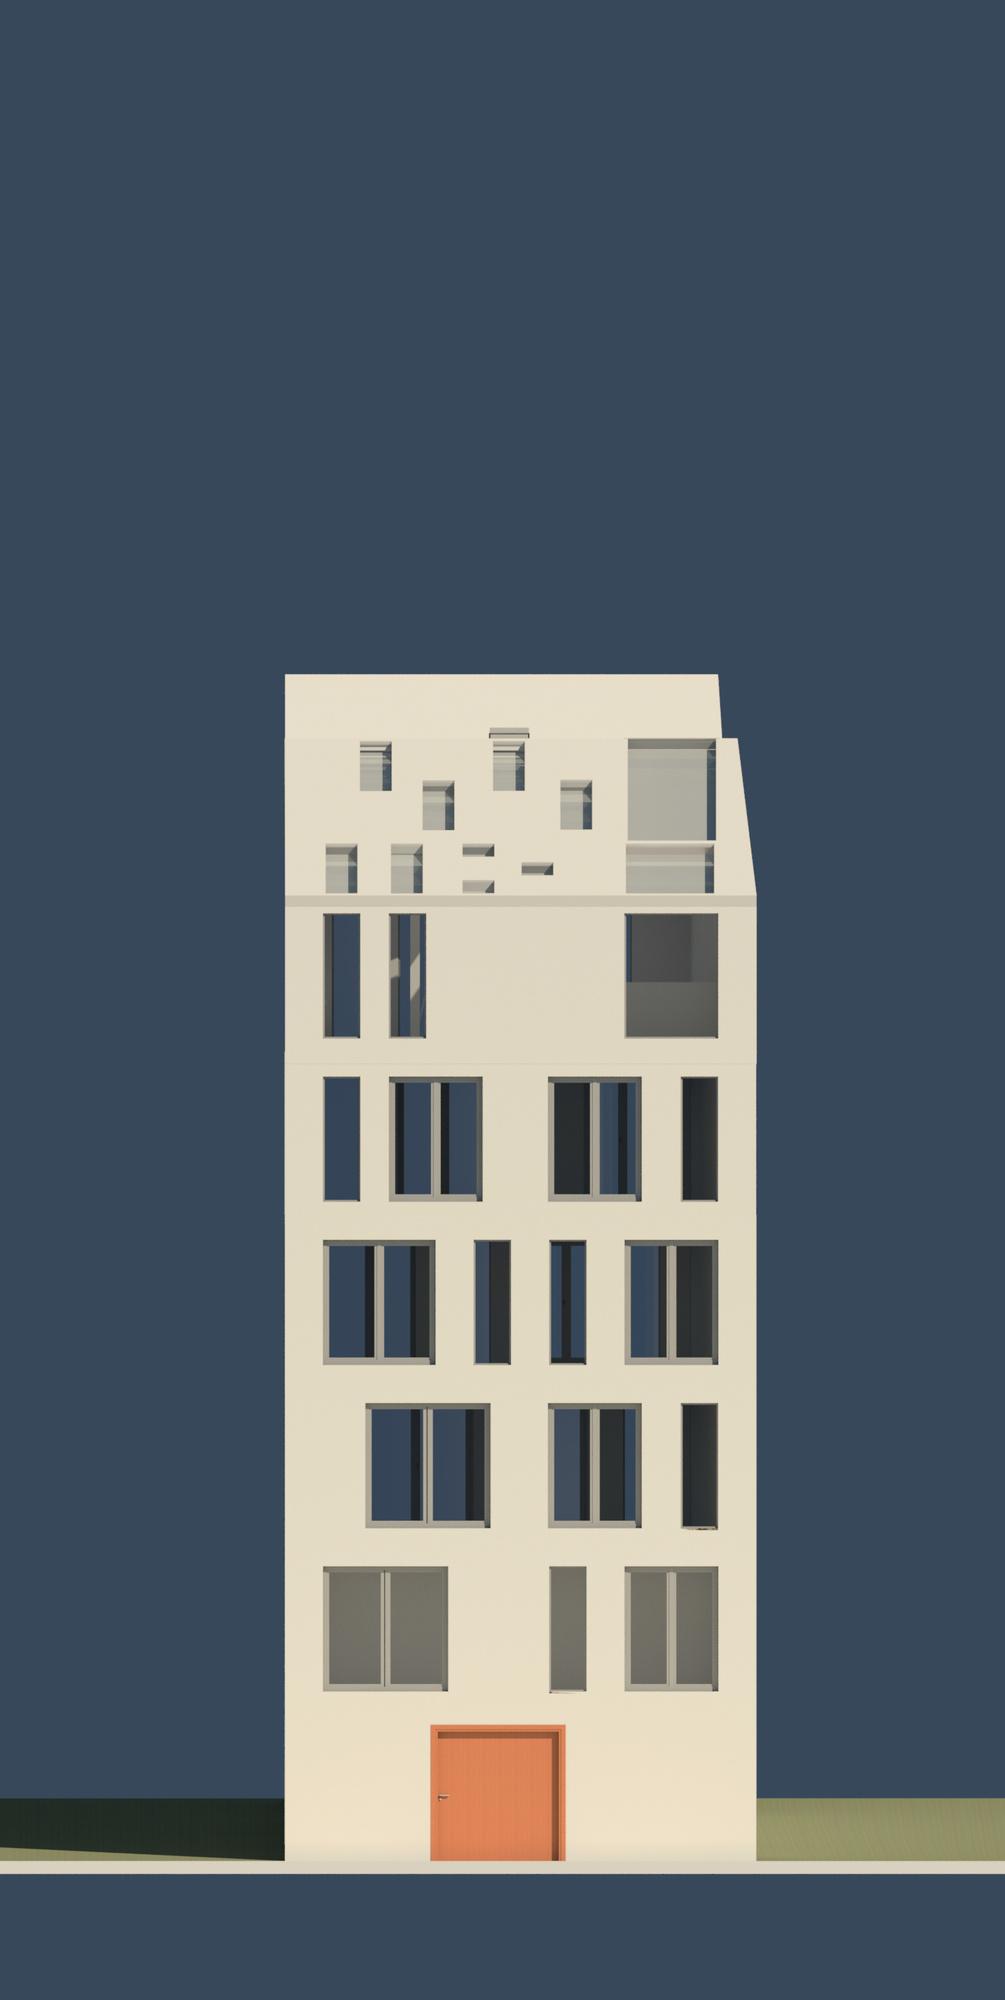 Raas-rendering20150315-2173-o2kdmg